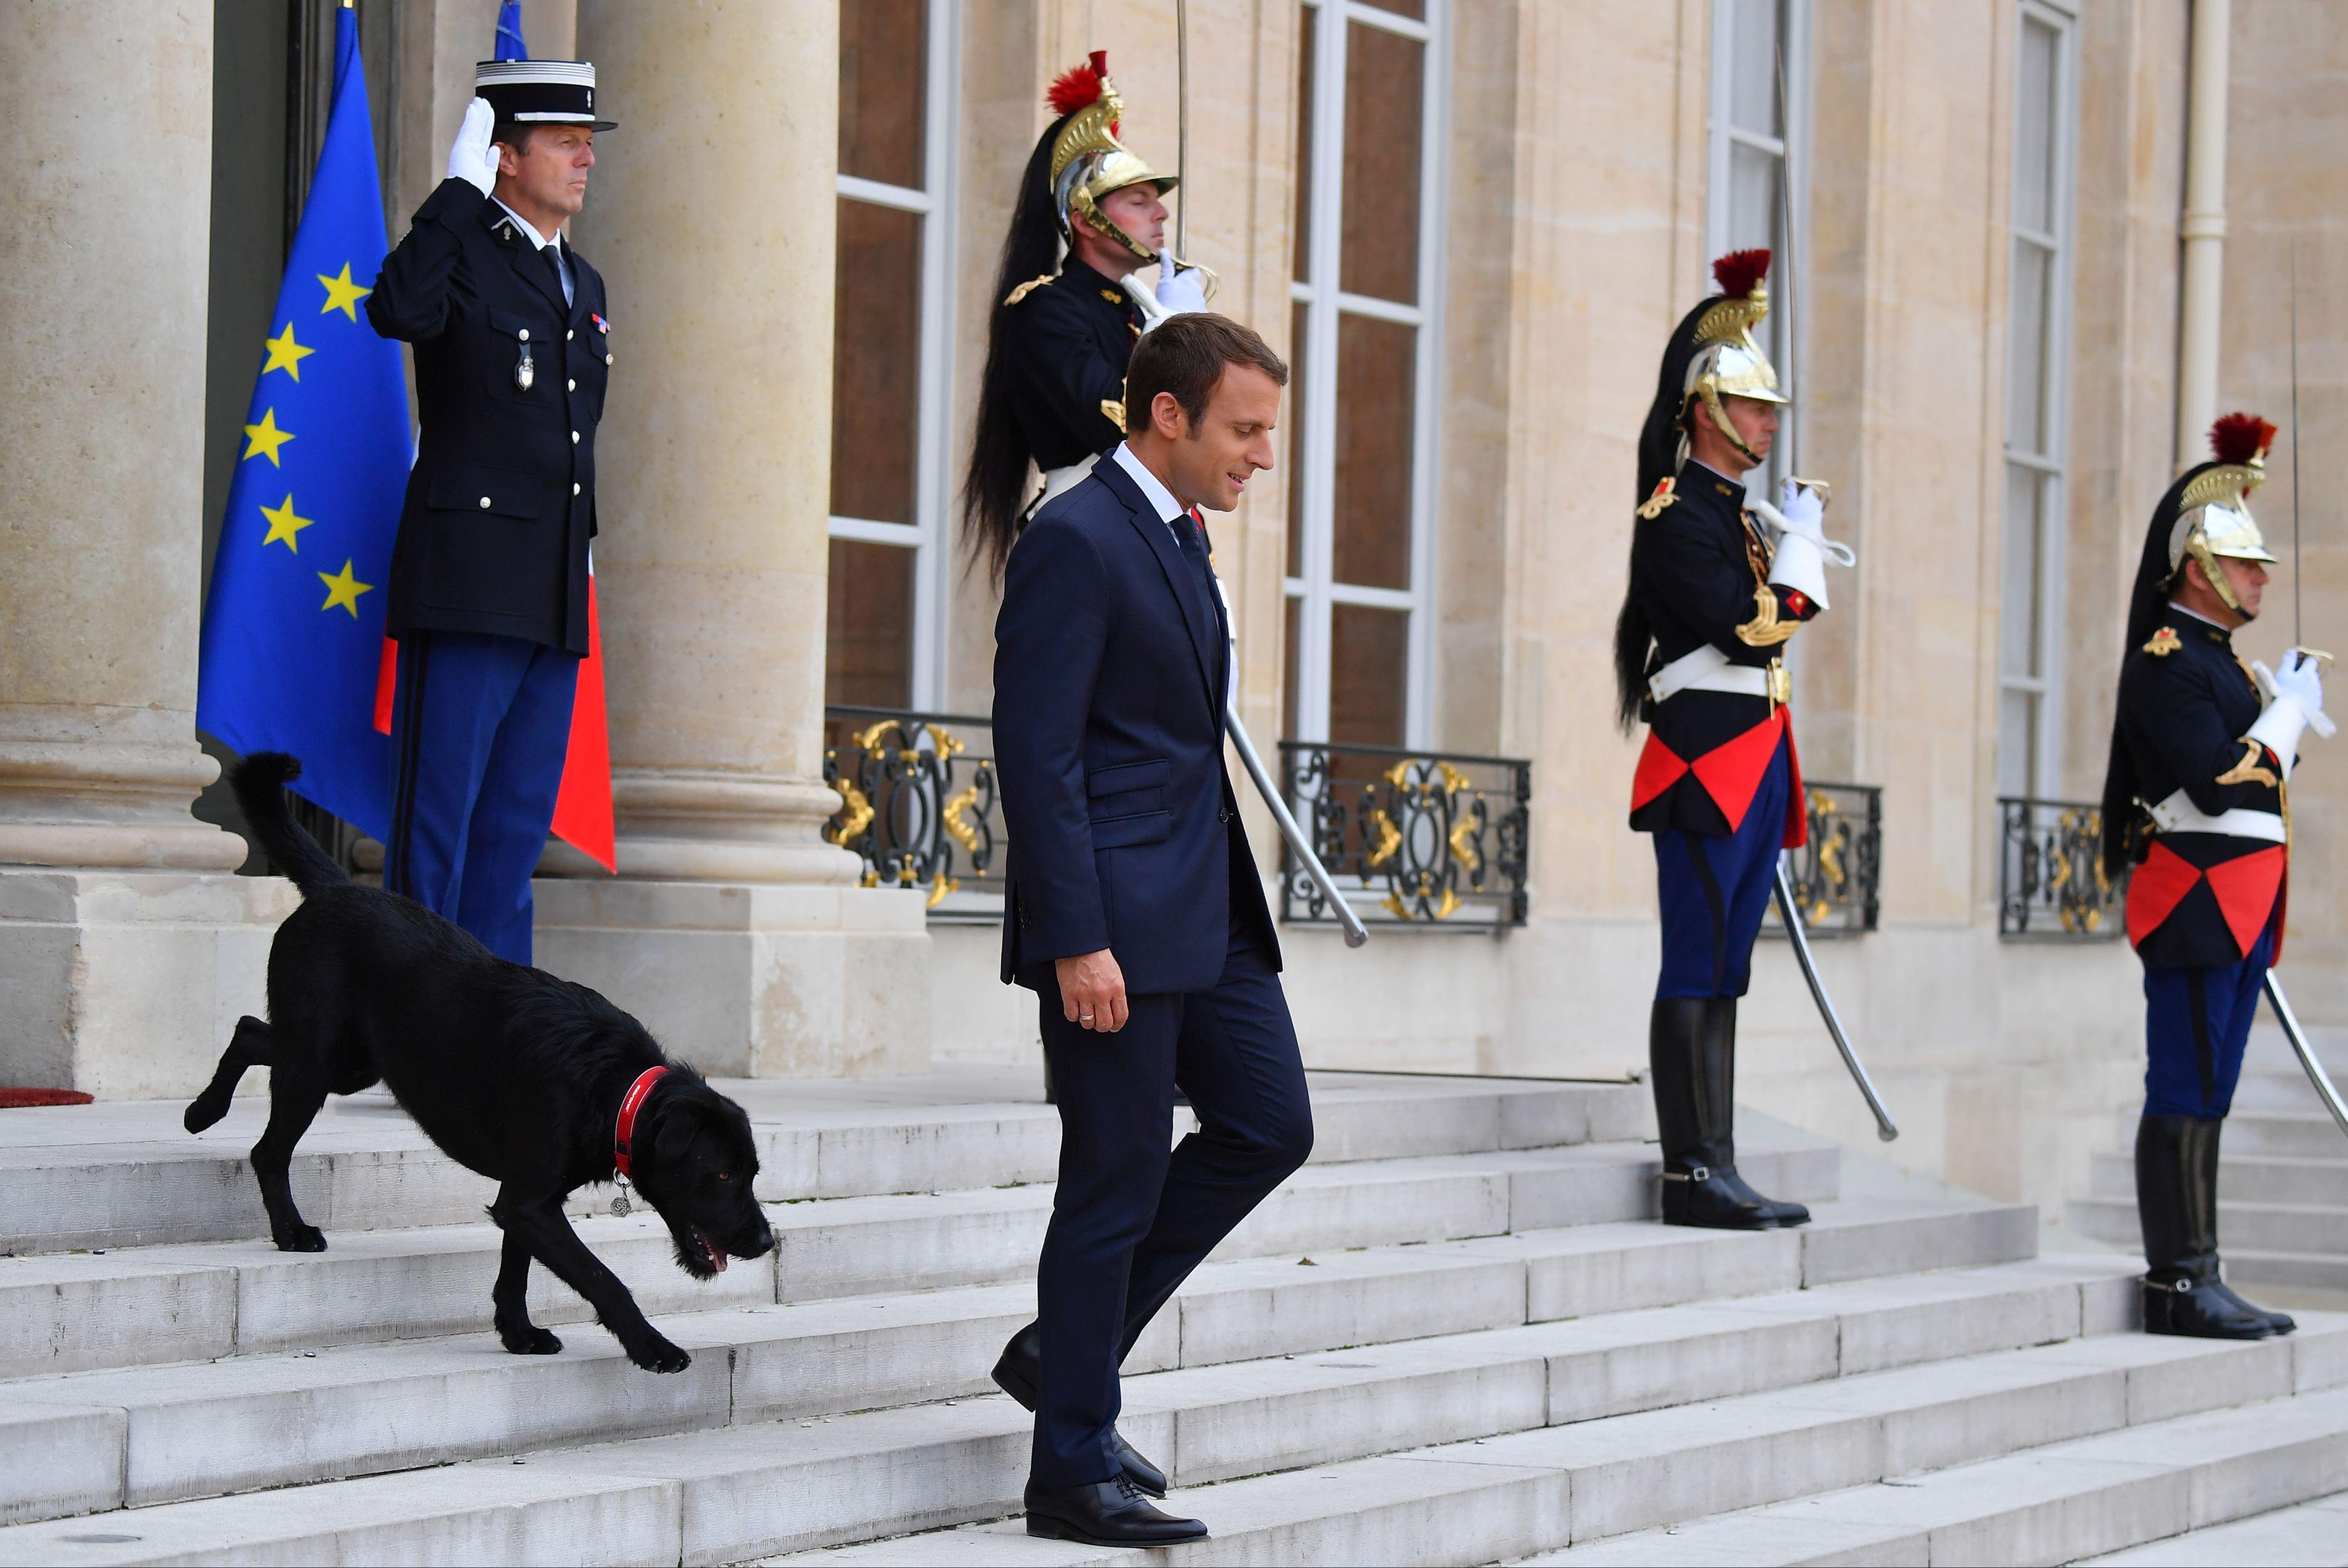 Consiliul Constituţional din Franţa validează controlul guvernamental asupra parchetelor judiciare